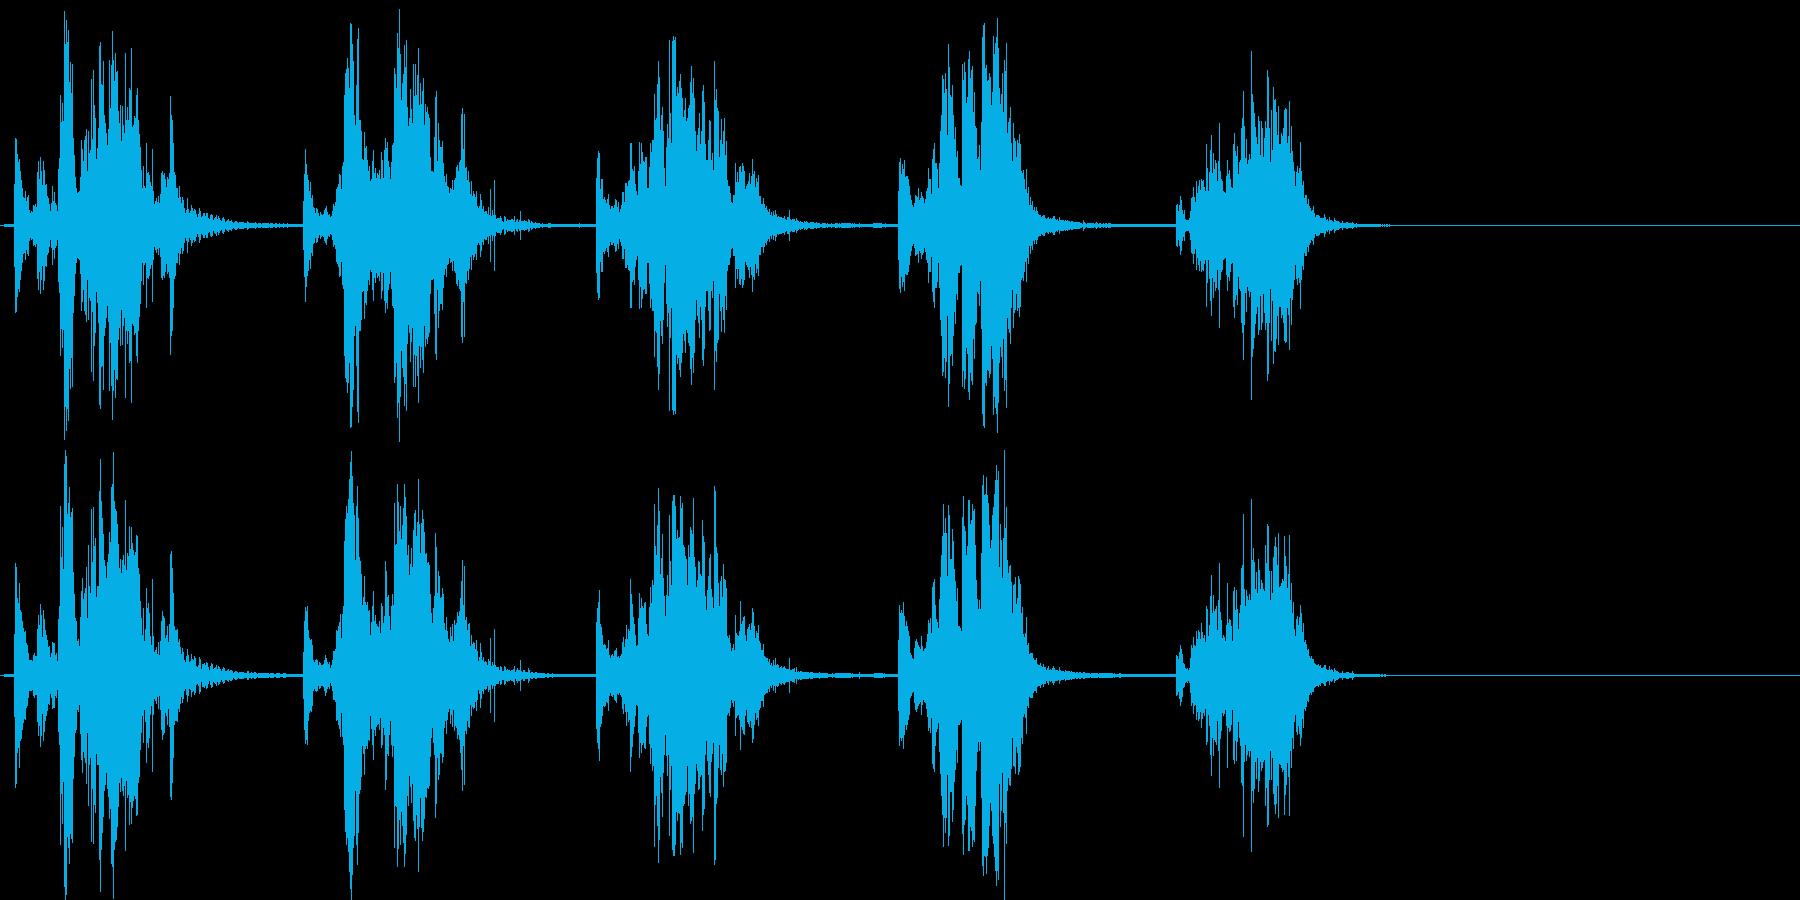 シャベルスクラップ;メタリックラト...の再生済みの波形